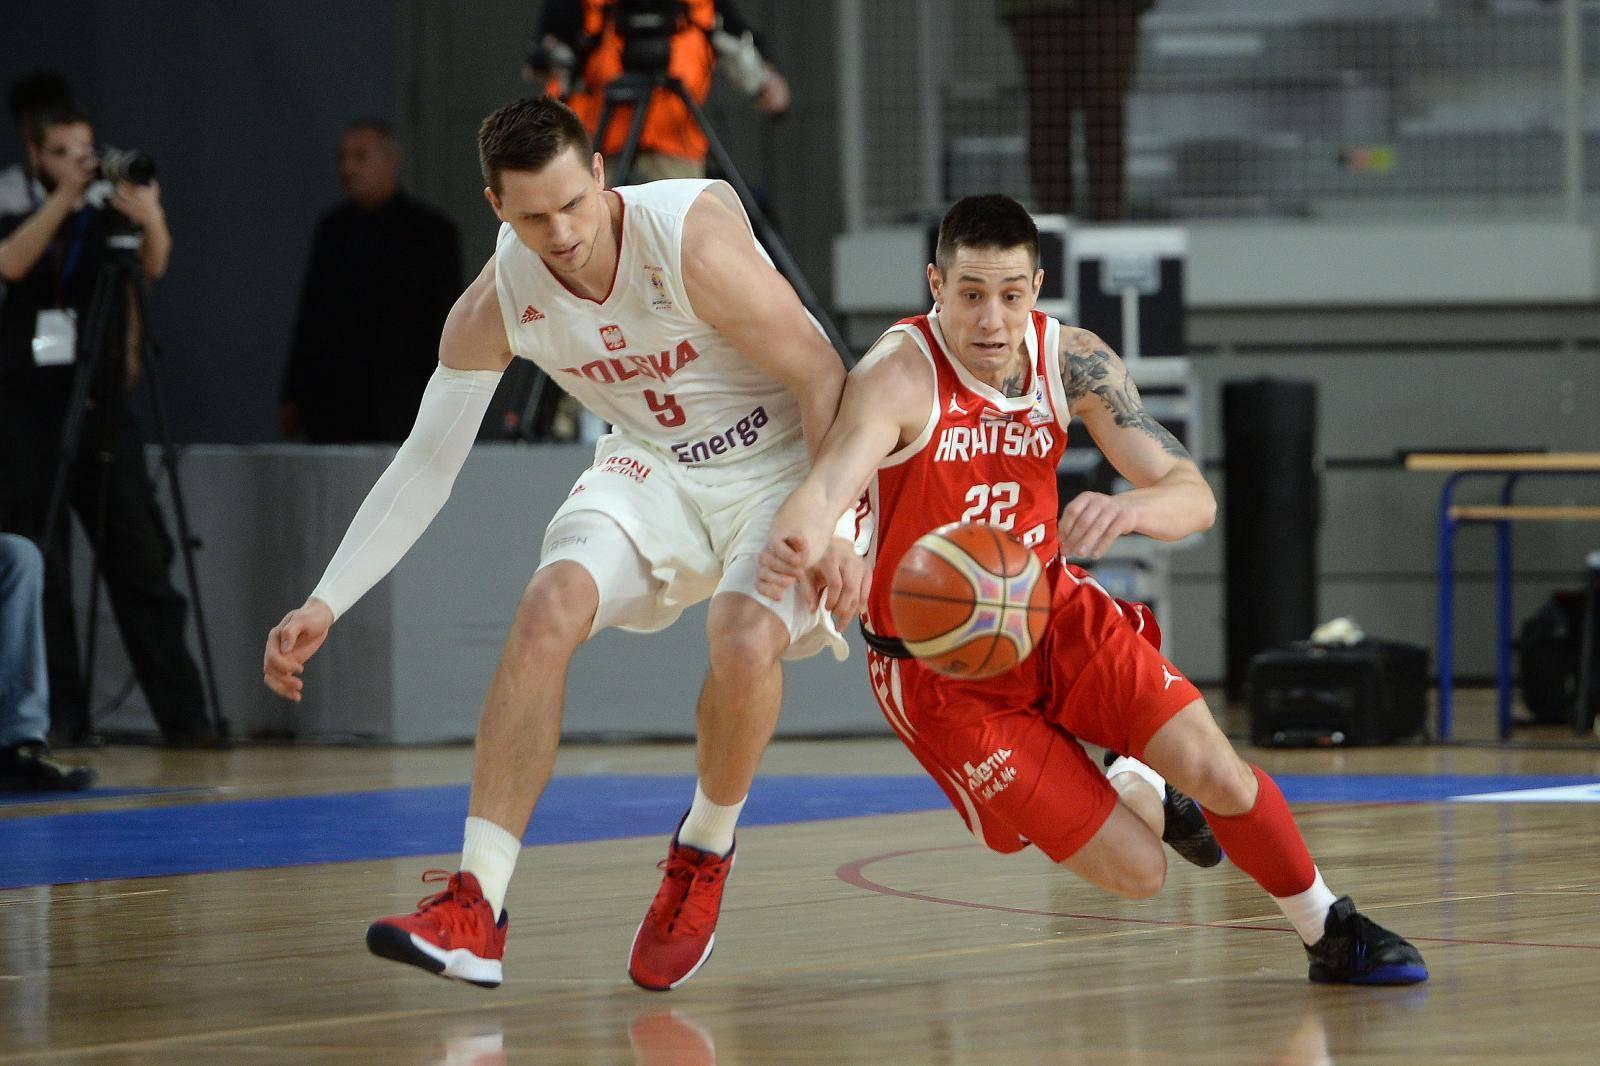 Druga kvalifikacijska utakmica za SP u košarci, Hrvatska - Poljska